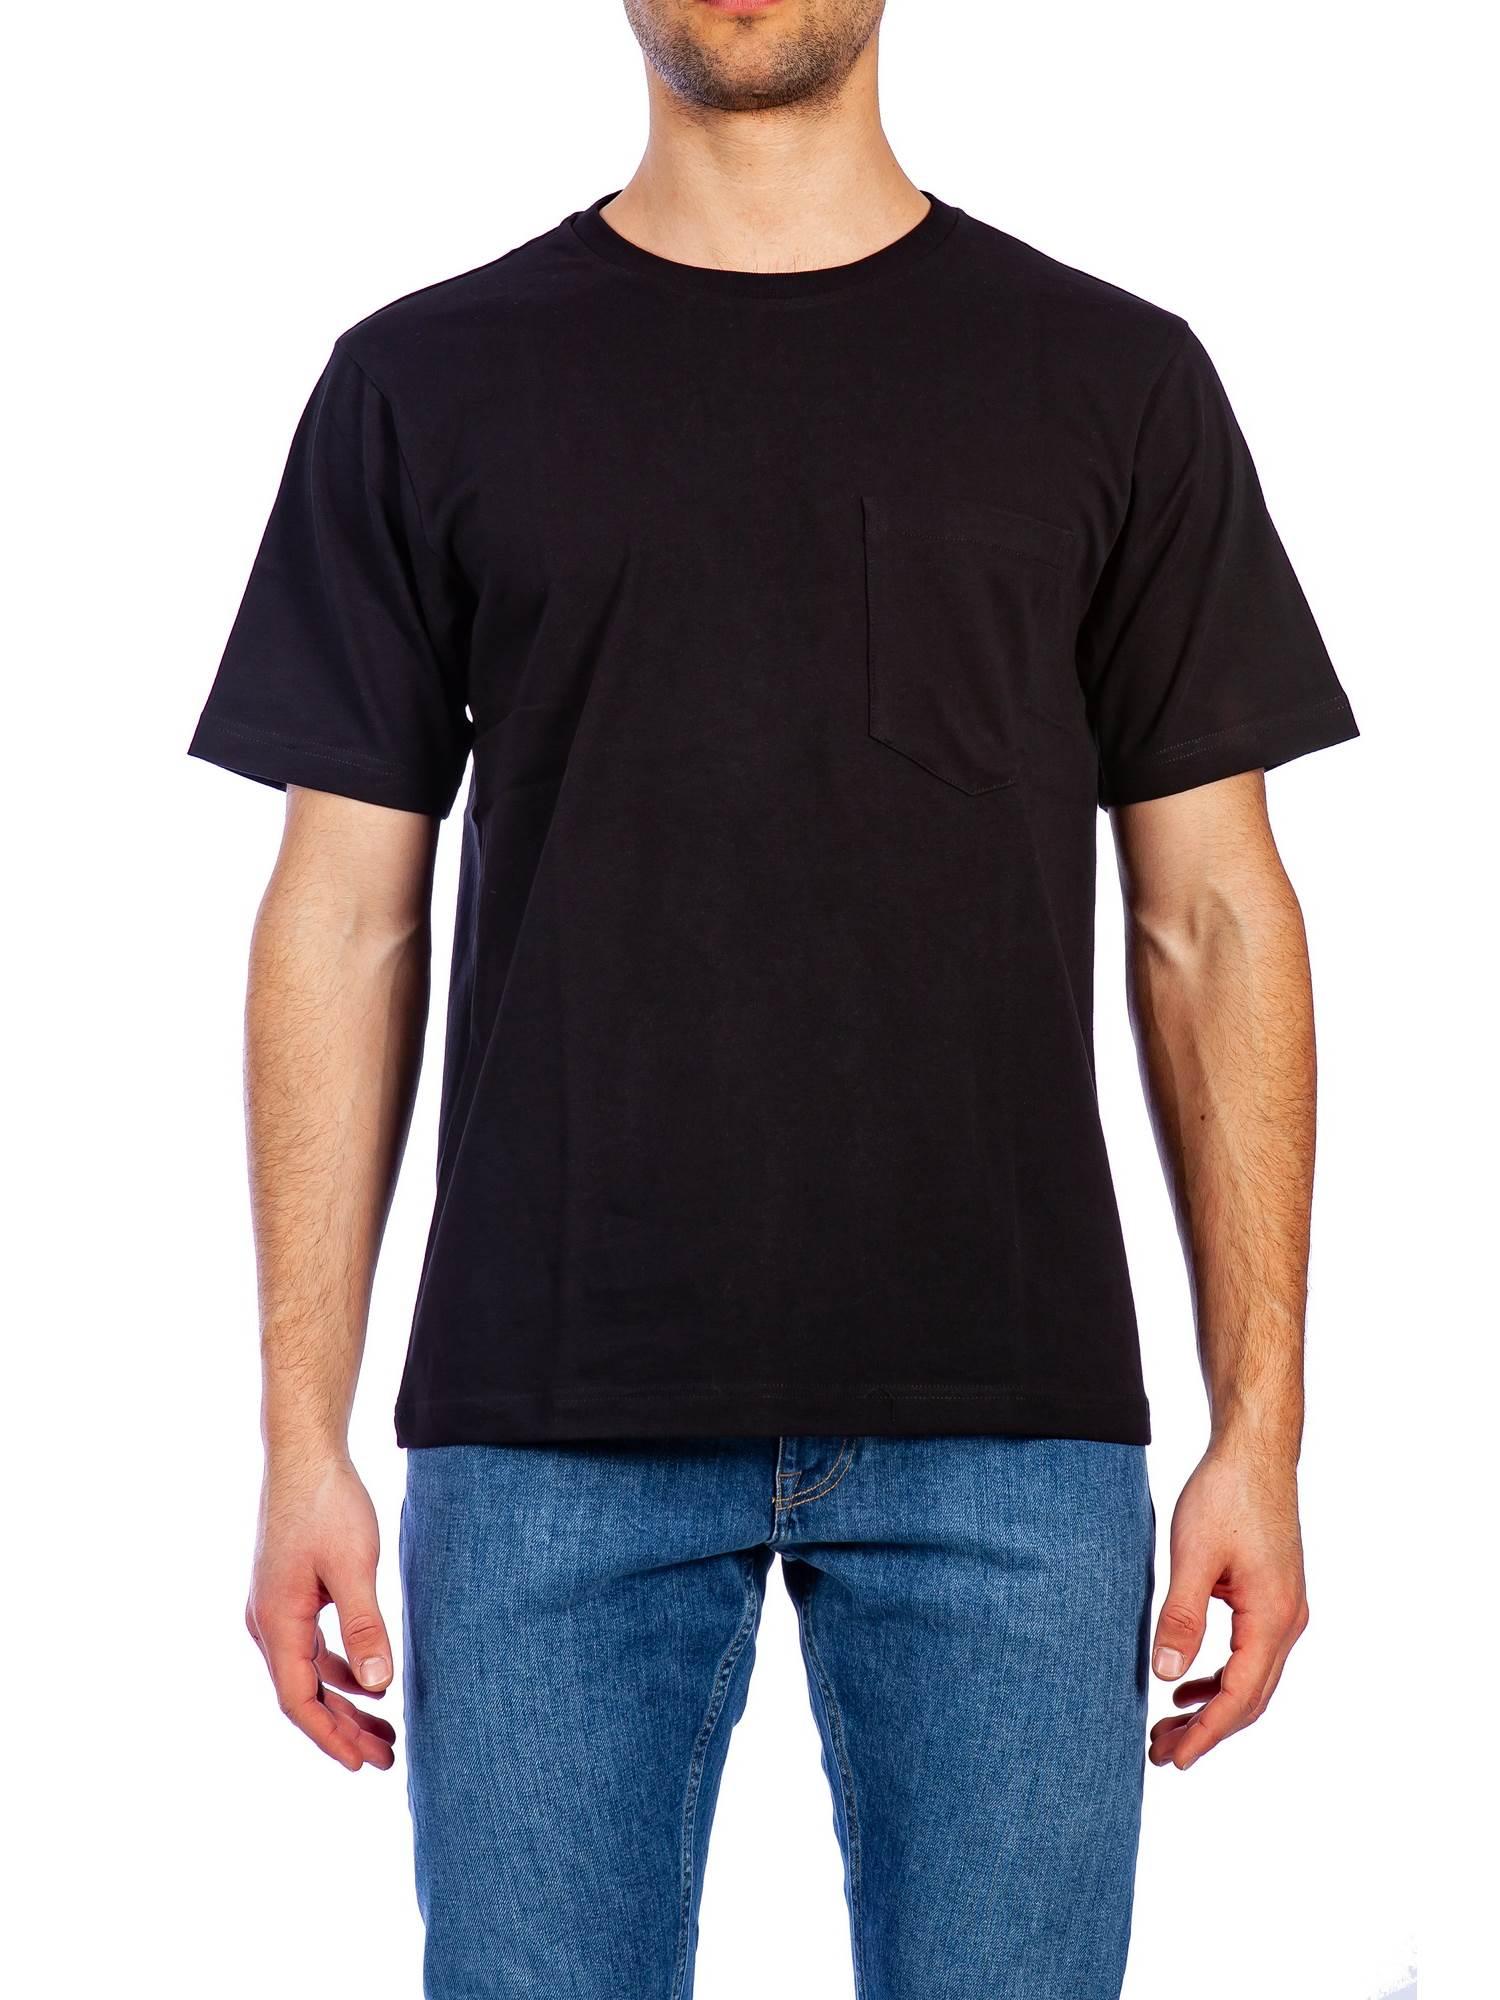 official photos 5aa04 a959d T-shirt Uomo Uomo Calvin Klein